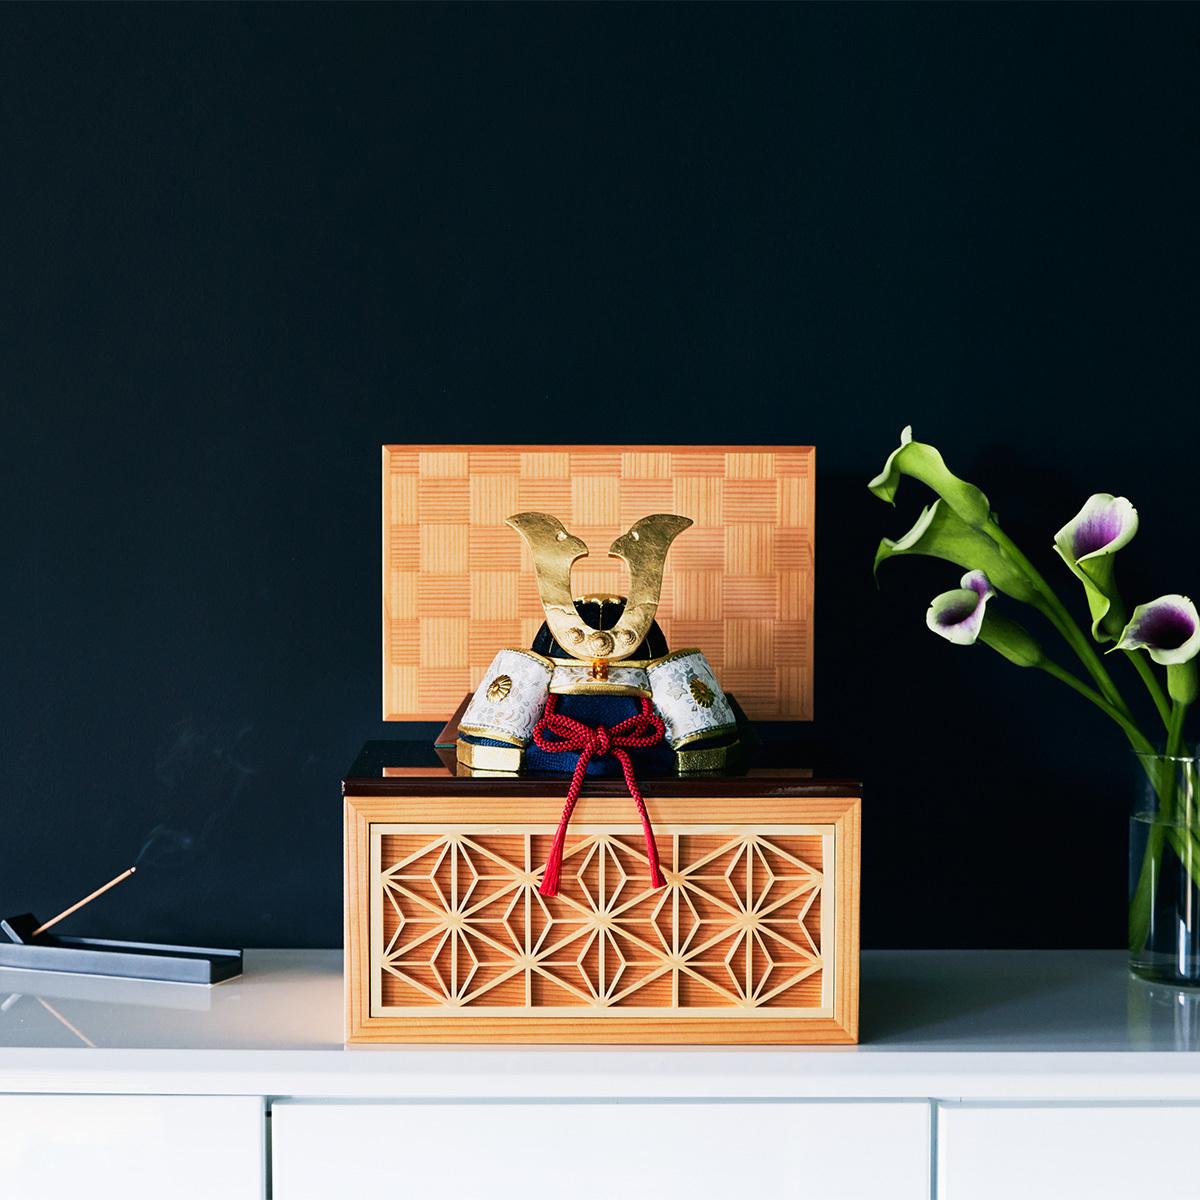 毎年のしあわせを願う「五月人形」 | リビングに飾れる「プレミアムコンパクト五月人形」